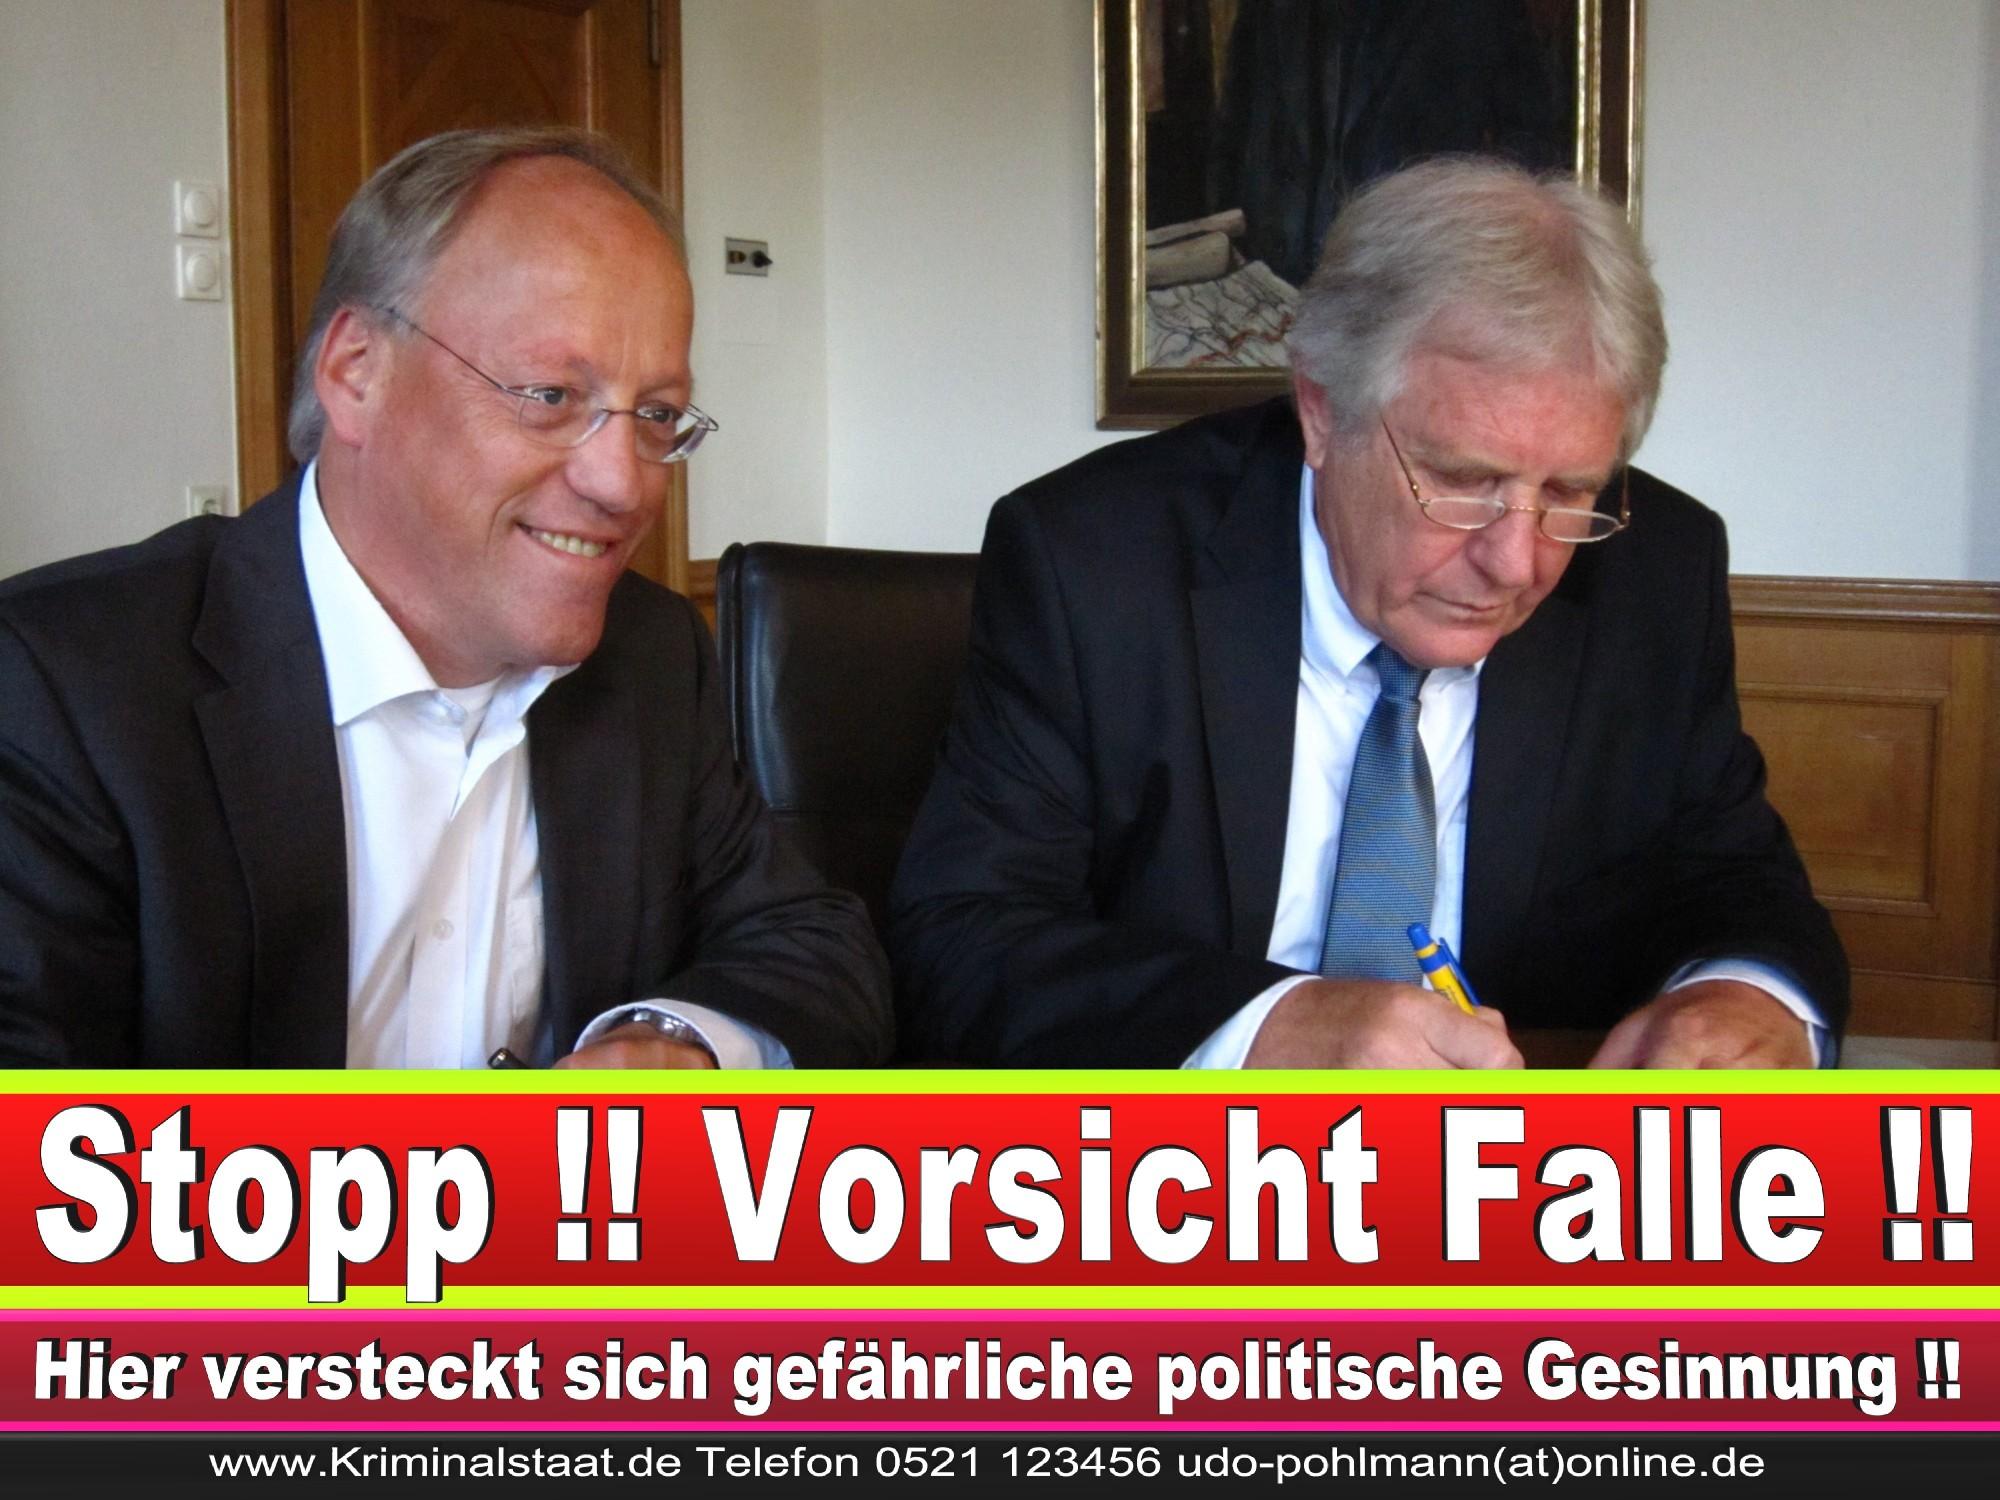 Polizeipräsident Erwin Südfeld Bielefeld Oberbürgermeister Bürgermeister Peter Clausen Pit Clausen Bielefeld (65)